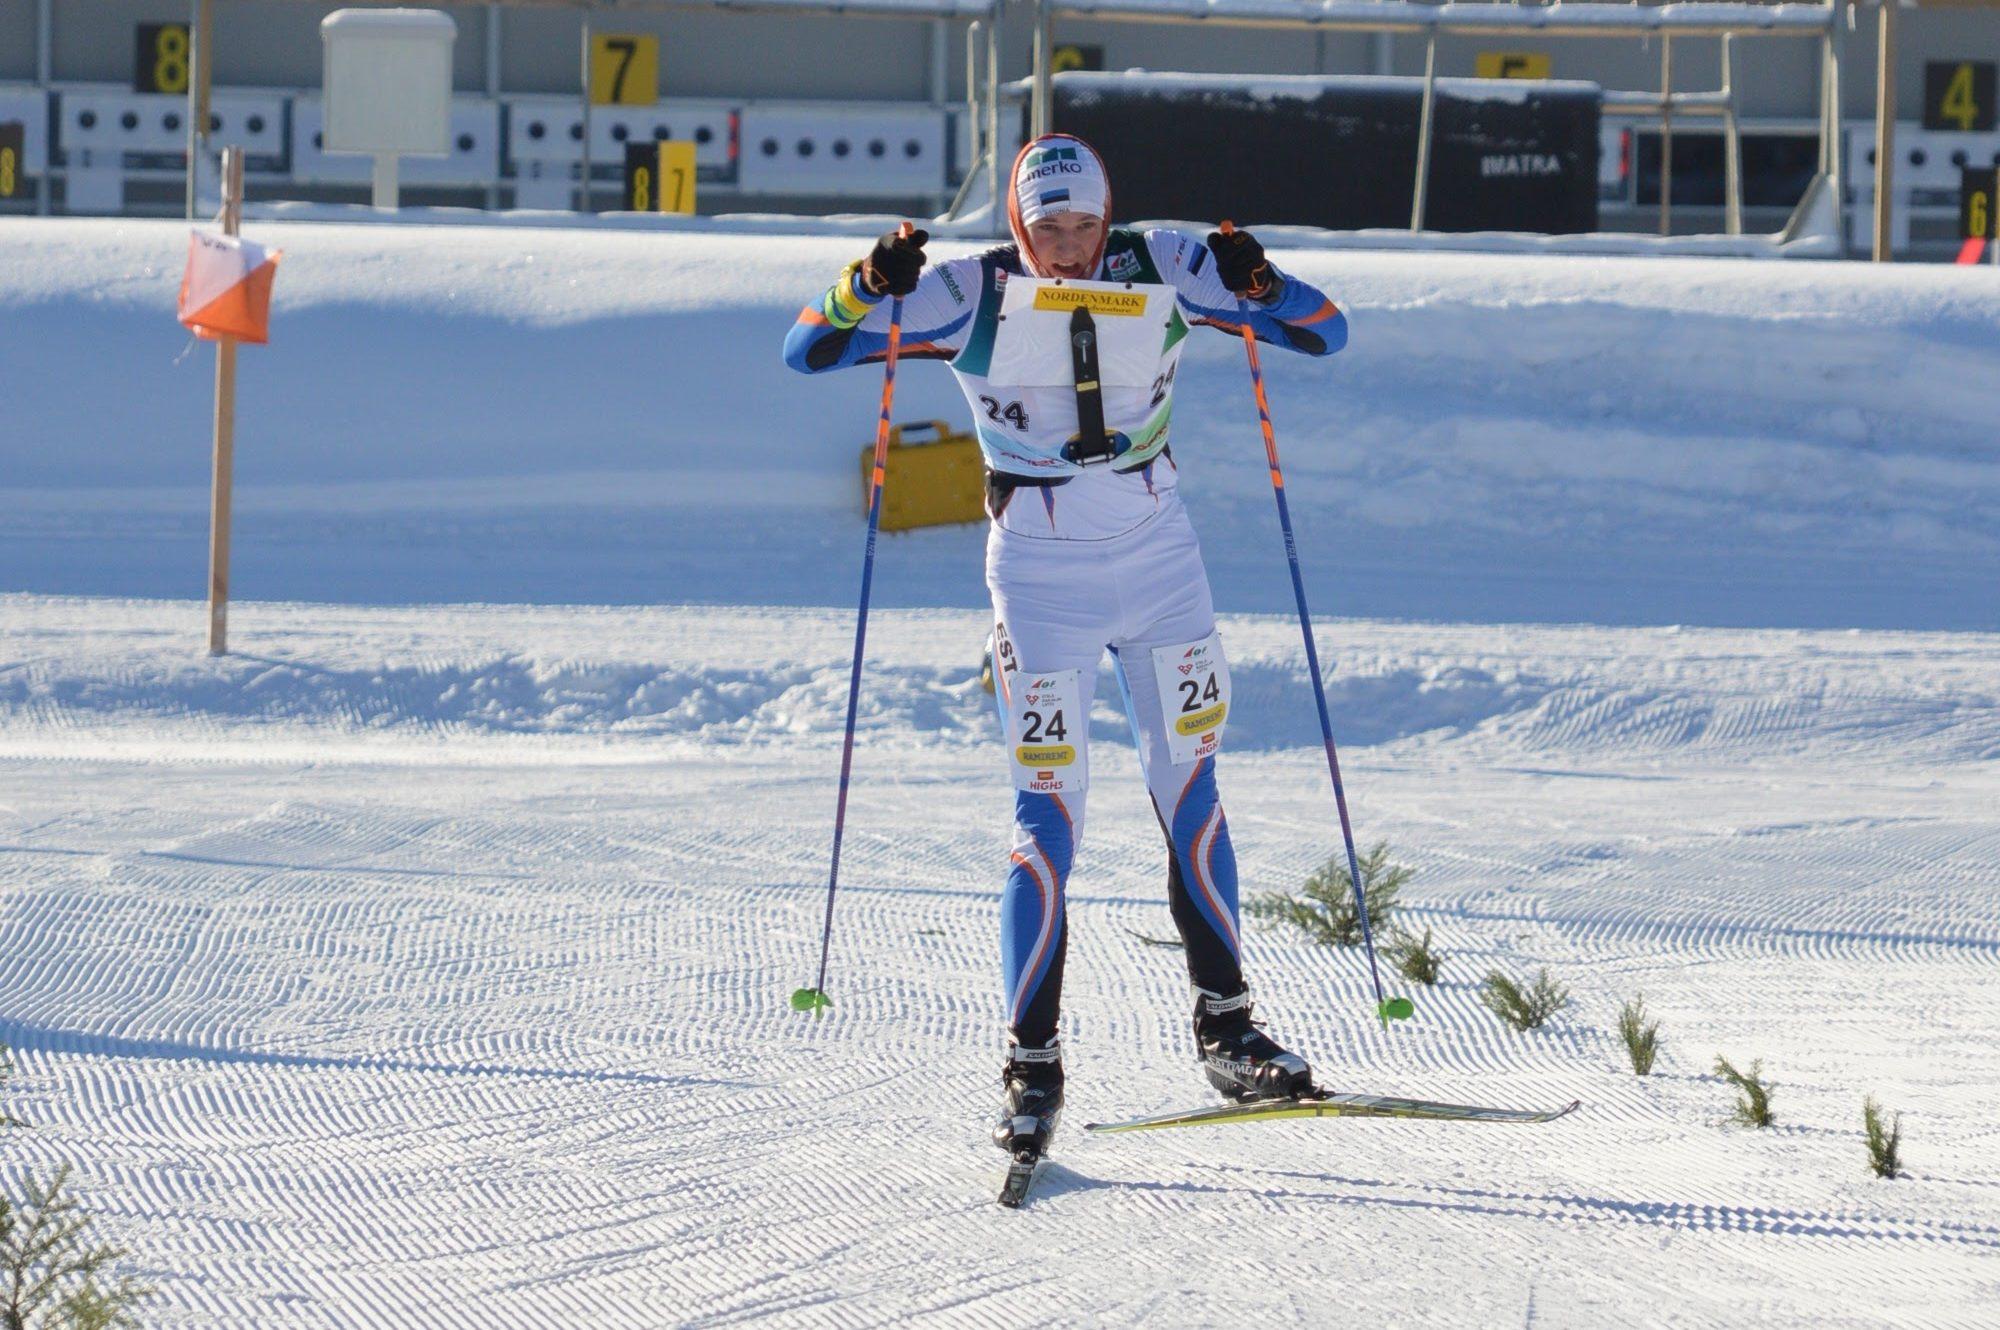 EM 2017 Soomes, sprindi finišisirge. Mattis saavutas 5. koha Foto: Raili Rooba